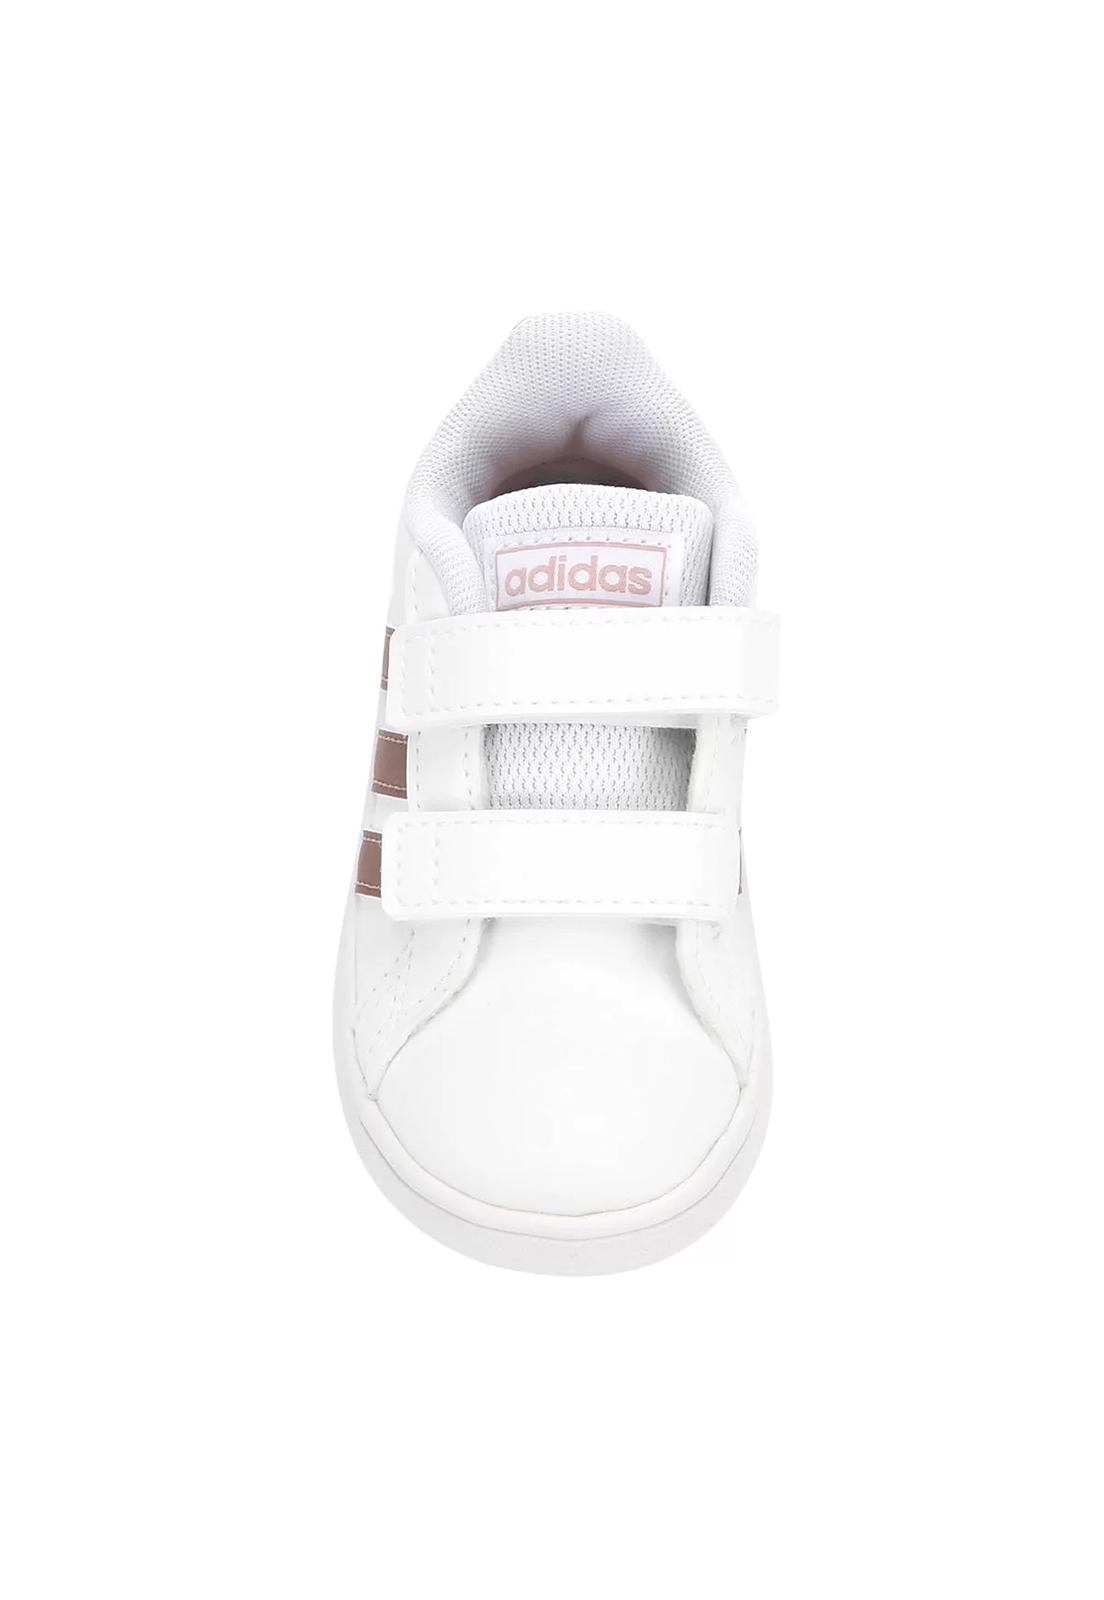 Tênis Infantil Adidas Grand Court - Branco dourado